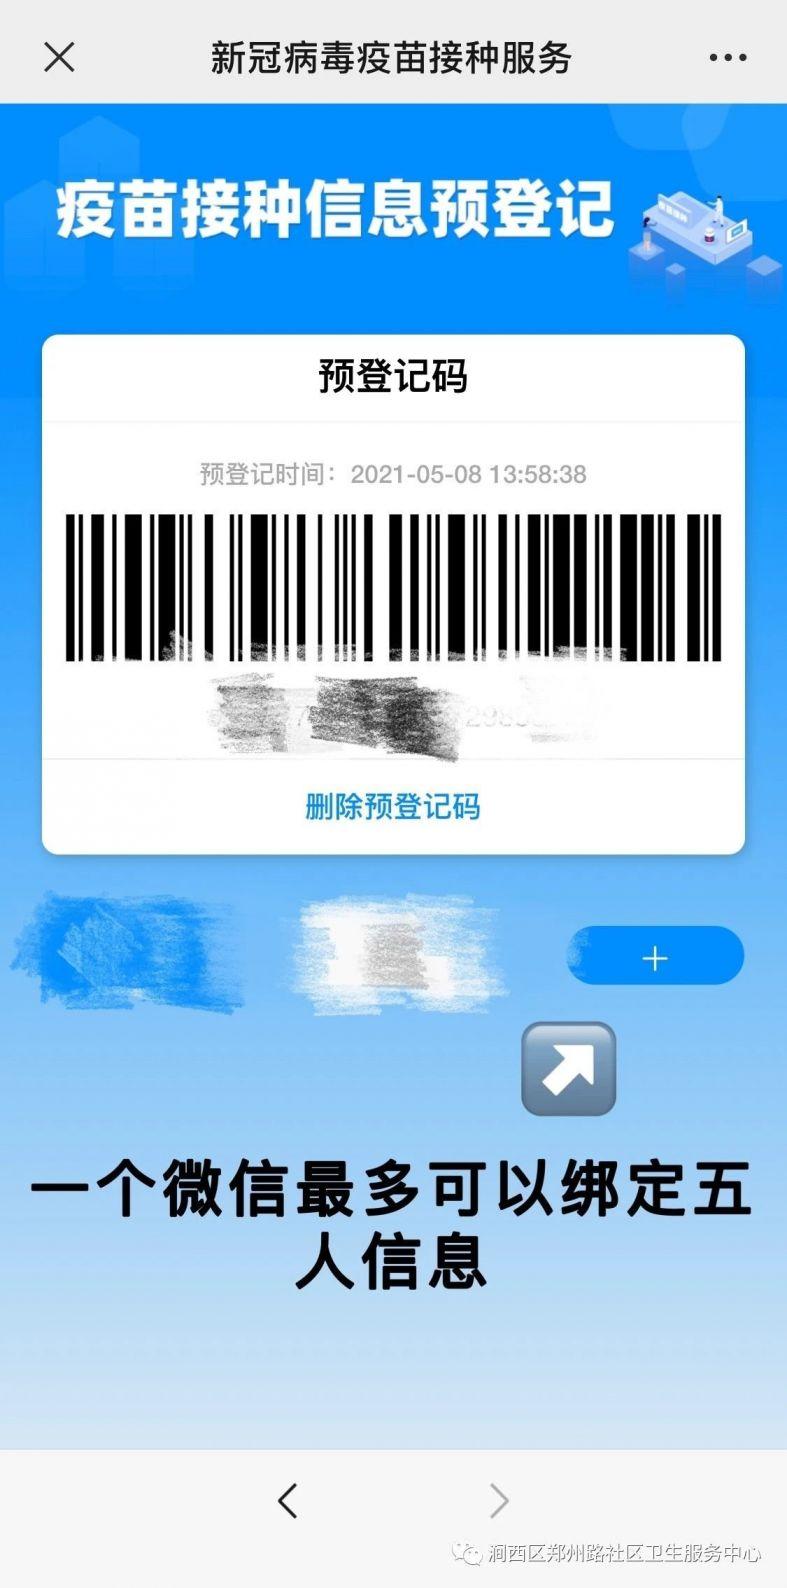 鄭州路中心新冠疫苗9月1日接種通知